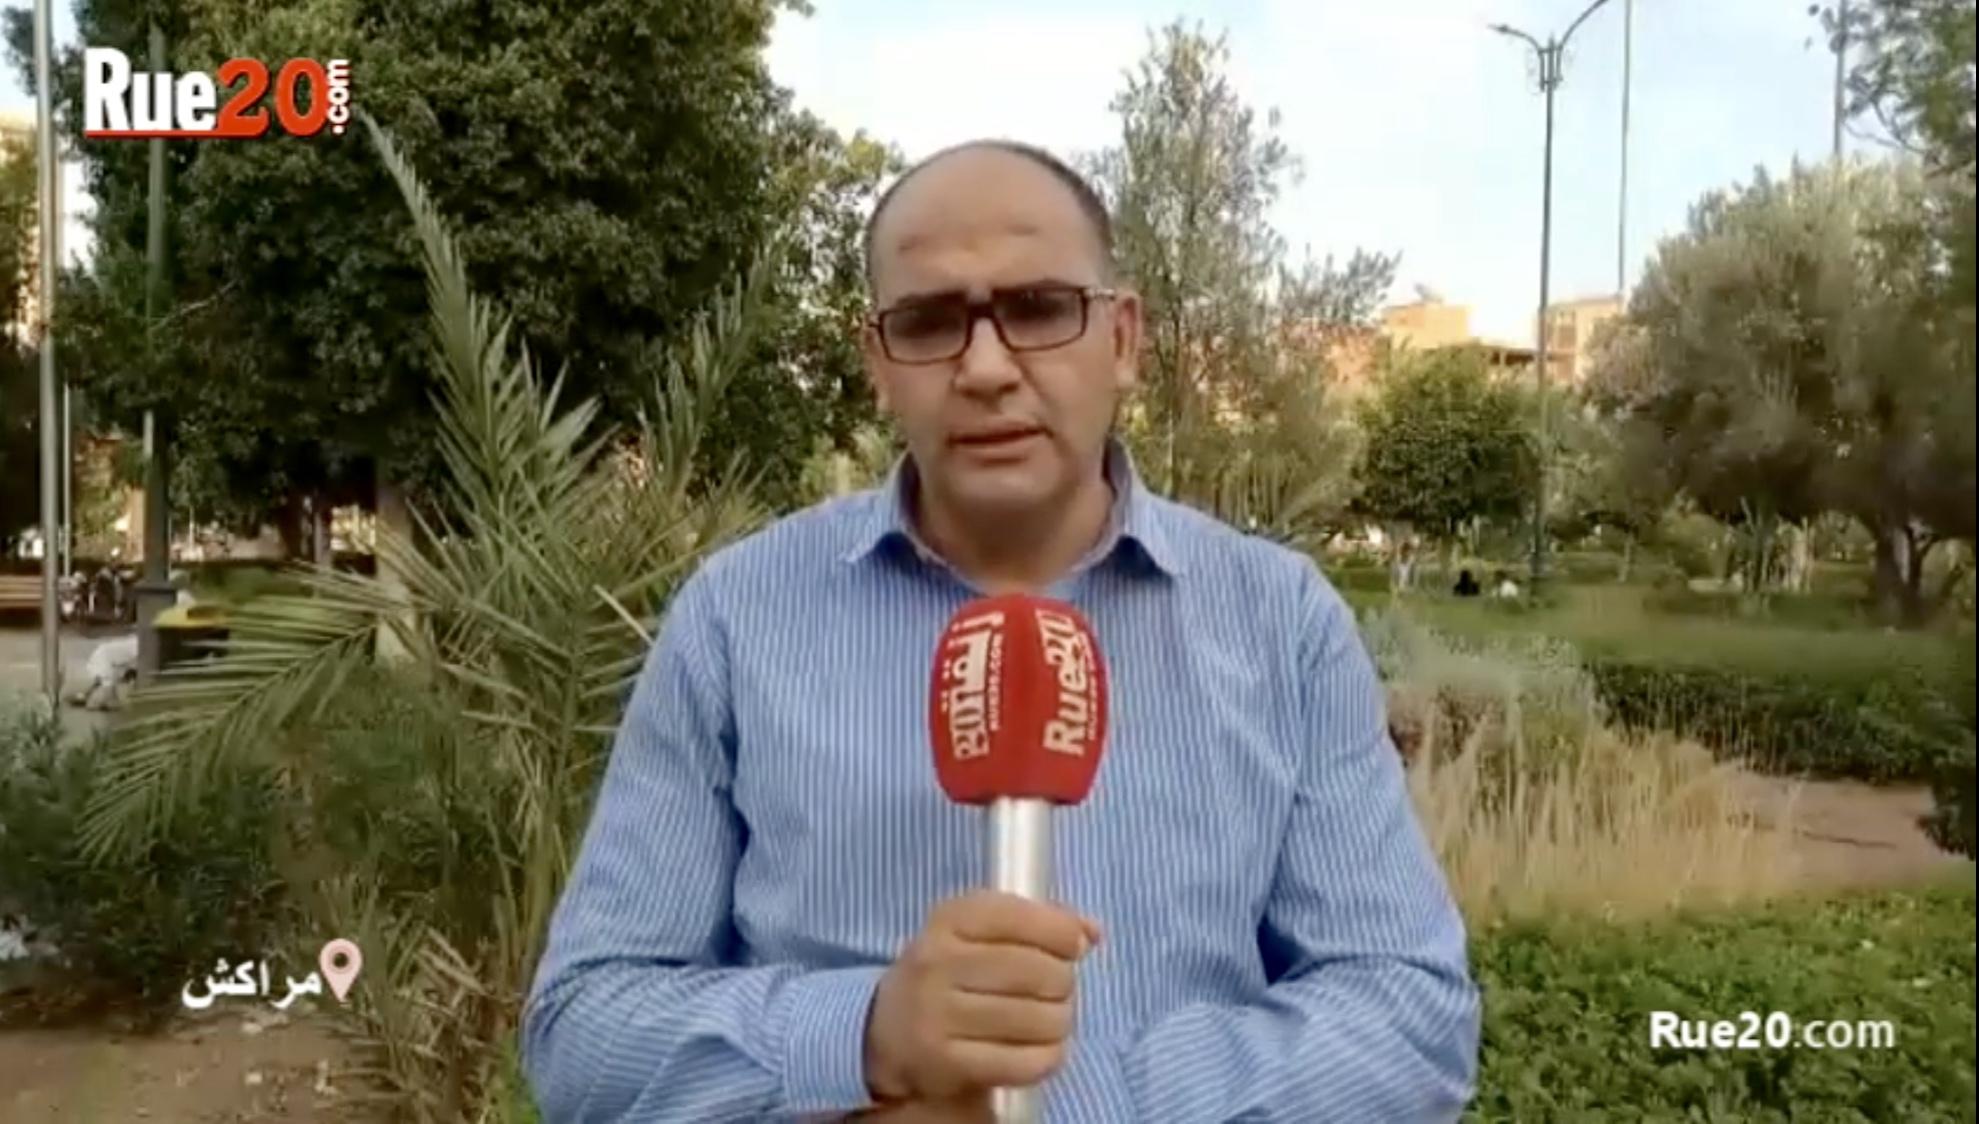 فيديو/أستاذ للقانون الدستوري بمراكش يكشف مكامن الخلل في التعديل الحكومي